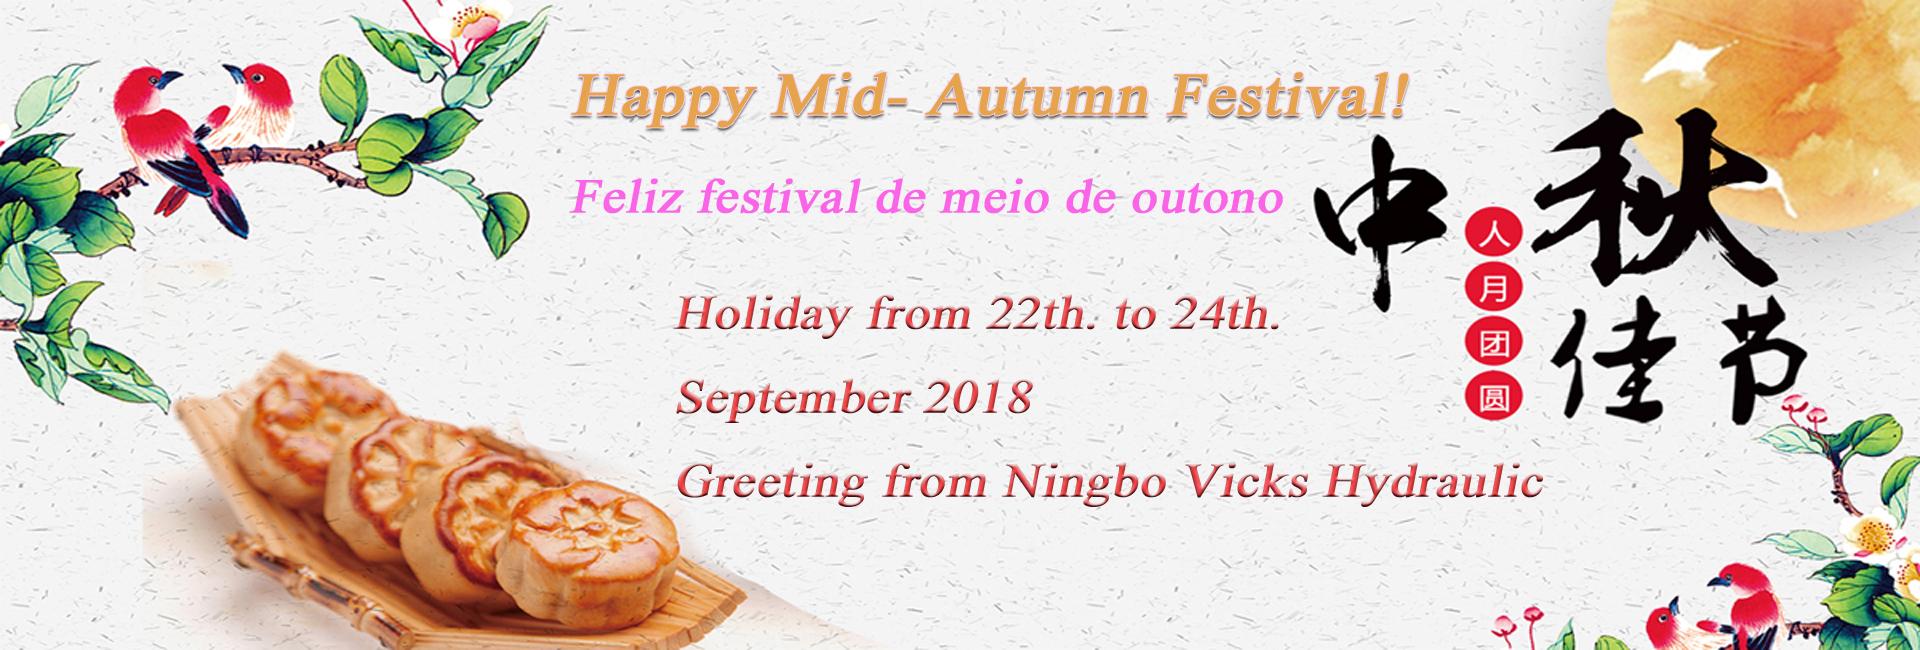 2018 Mid-Autumn